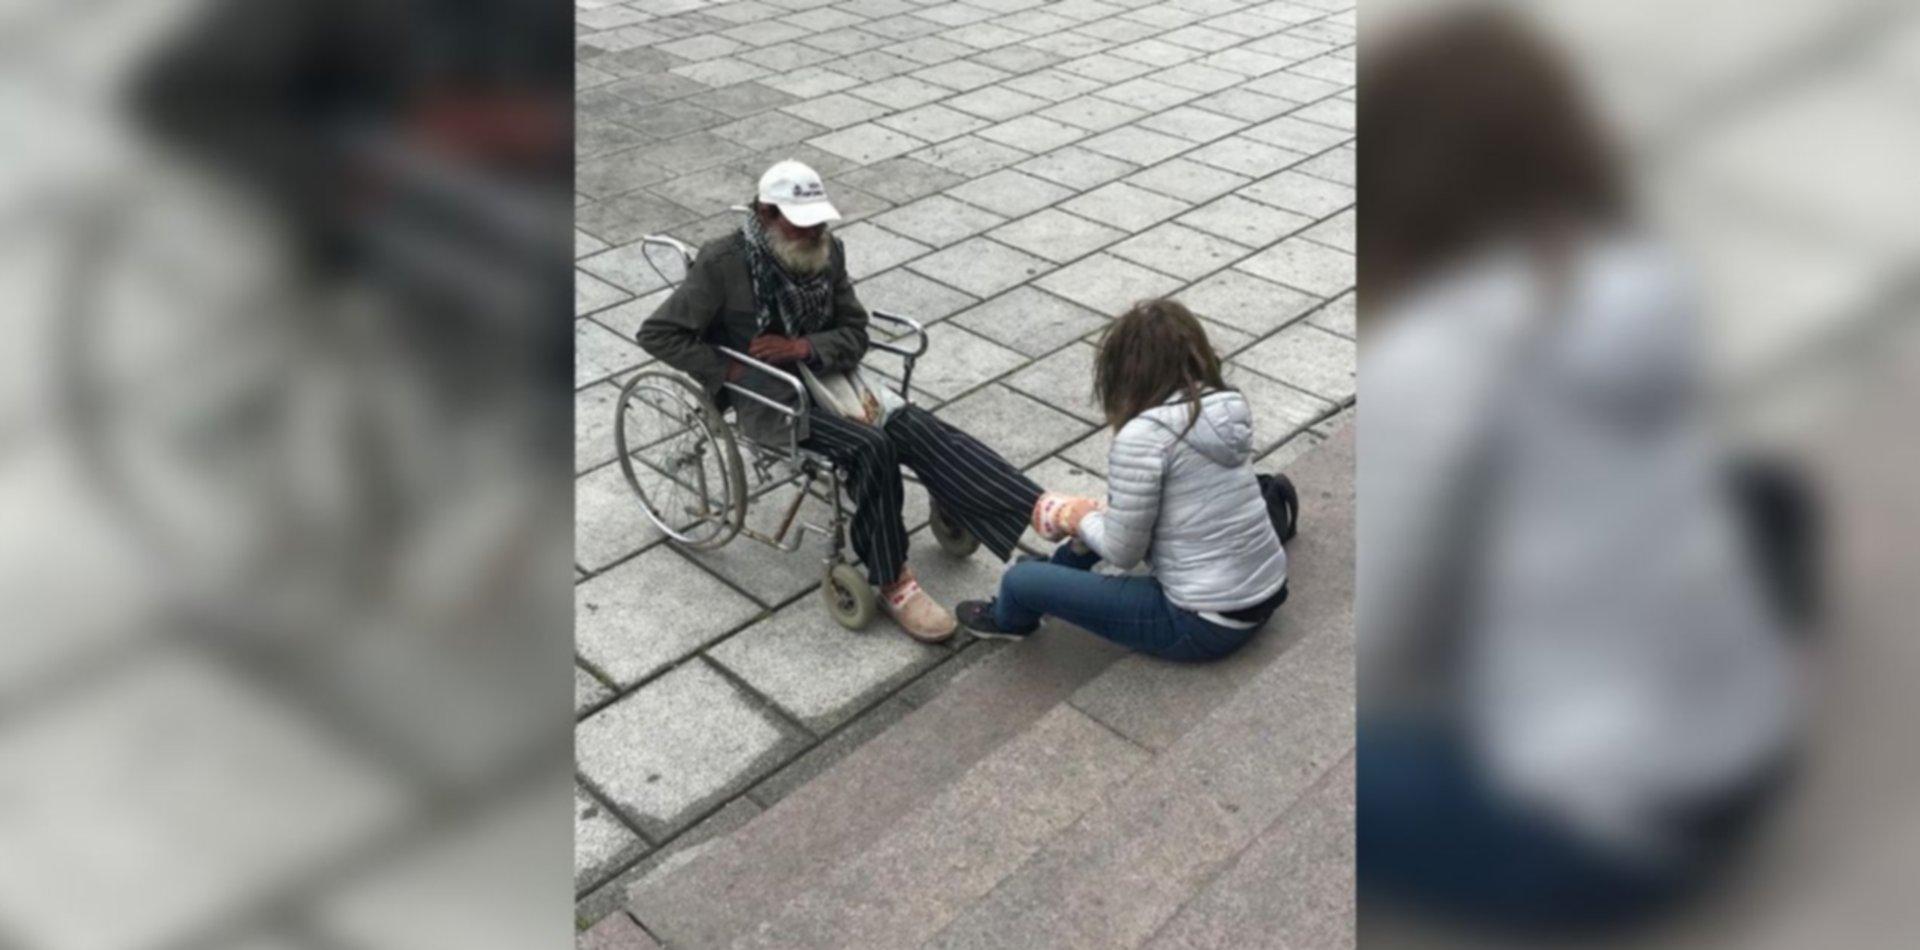 La foto que emociona: el gesto solidario de una joven con un hombre en situación de calle